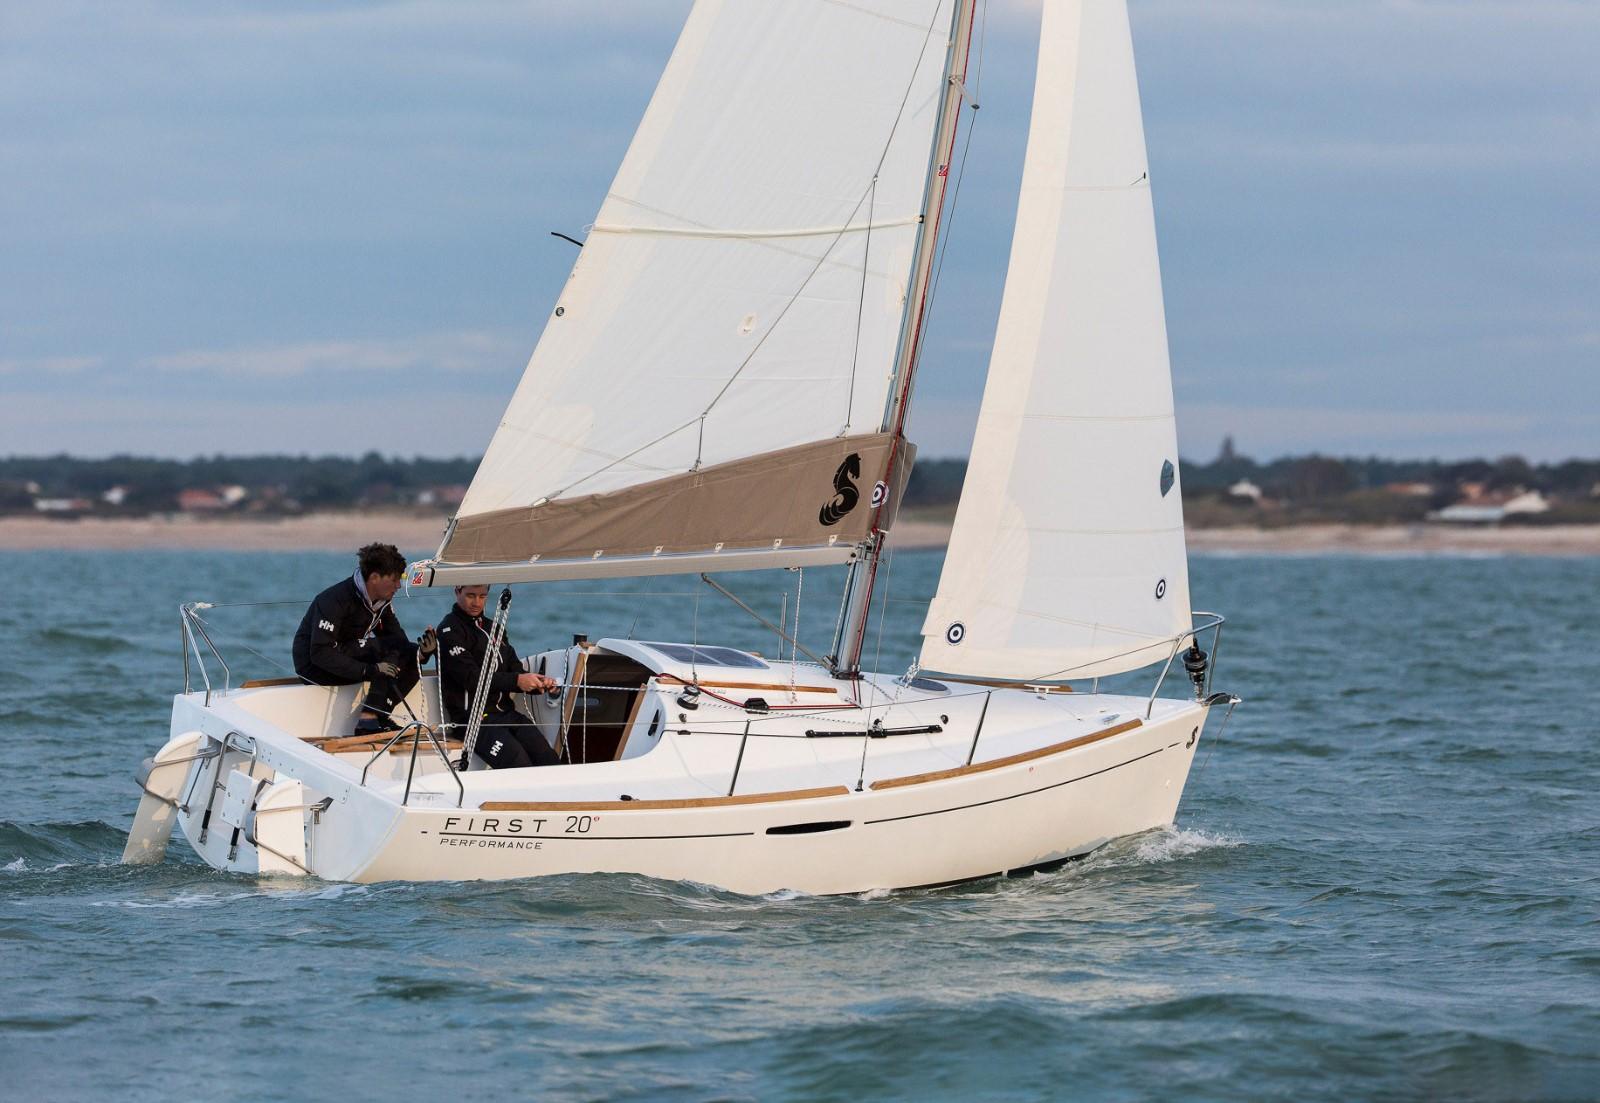 帆船,国际驾照,享受,开课,中心 帆船国际驾照,十一假期奥帆中心开课啦  132810duyvs4cs